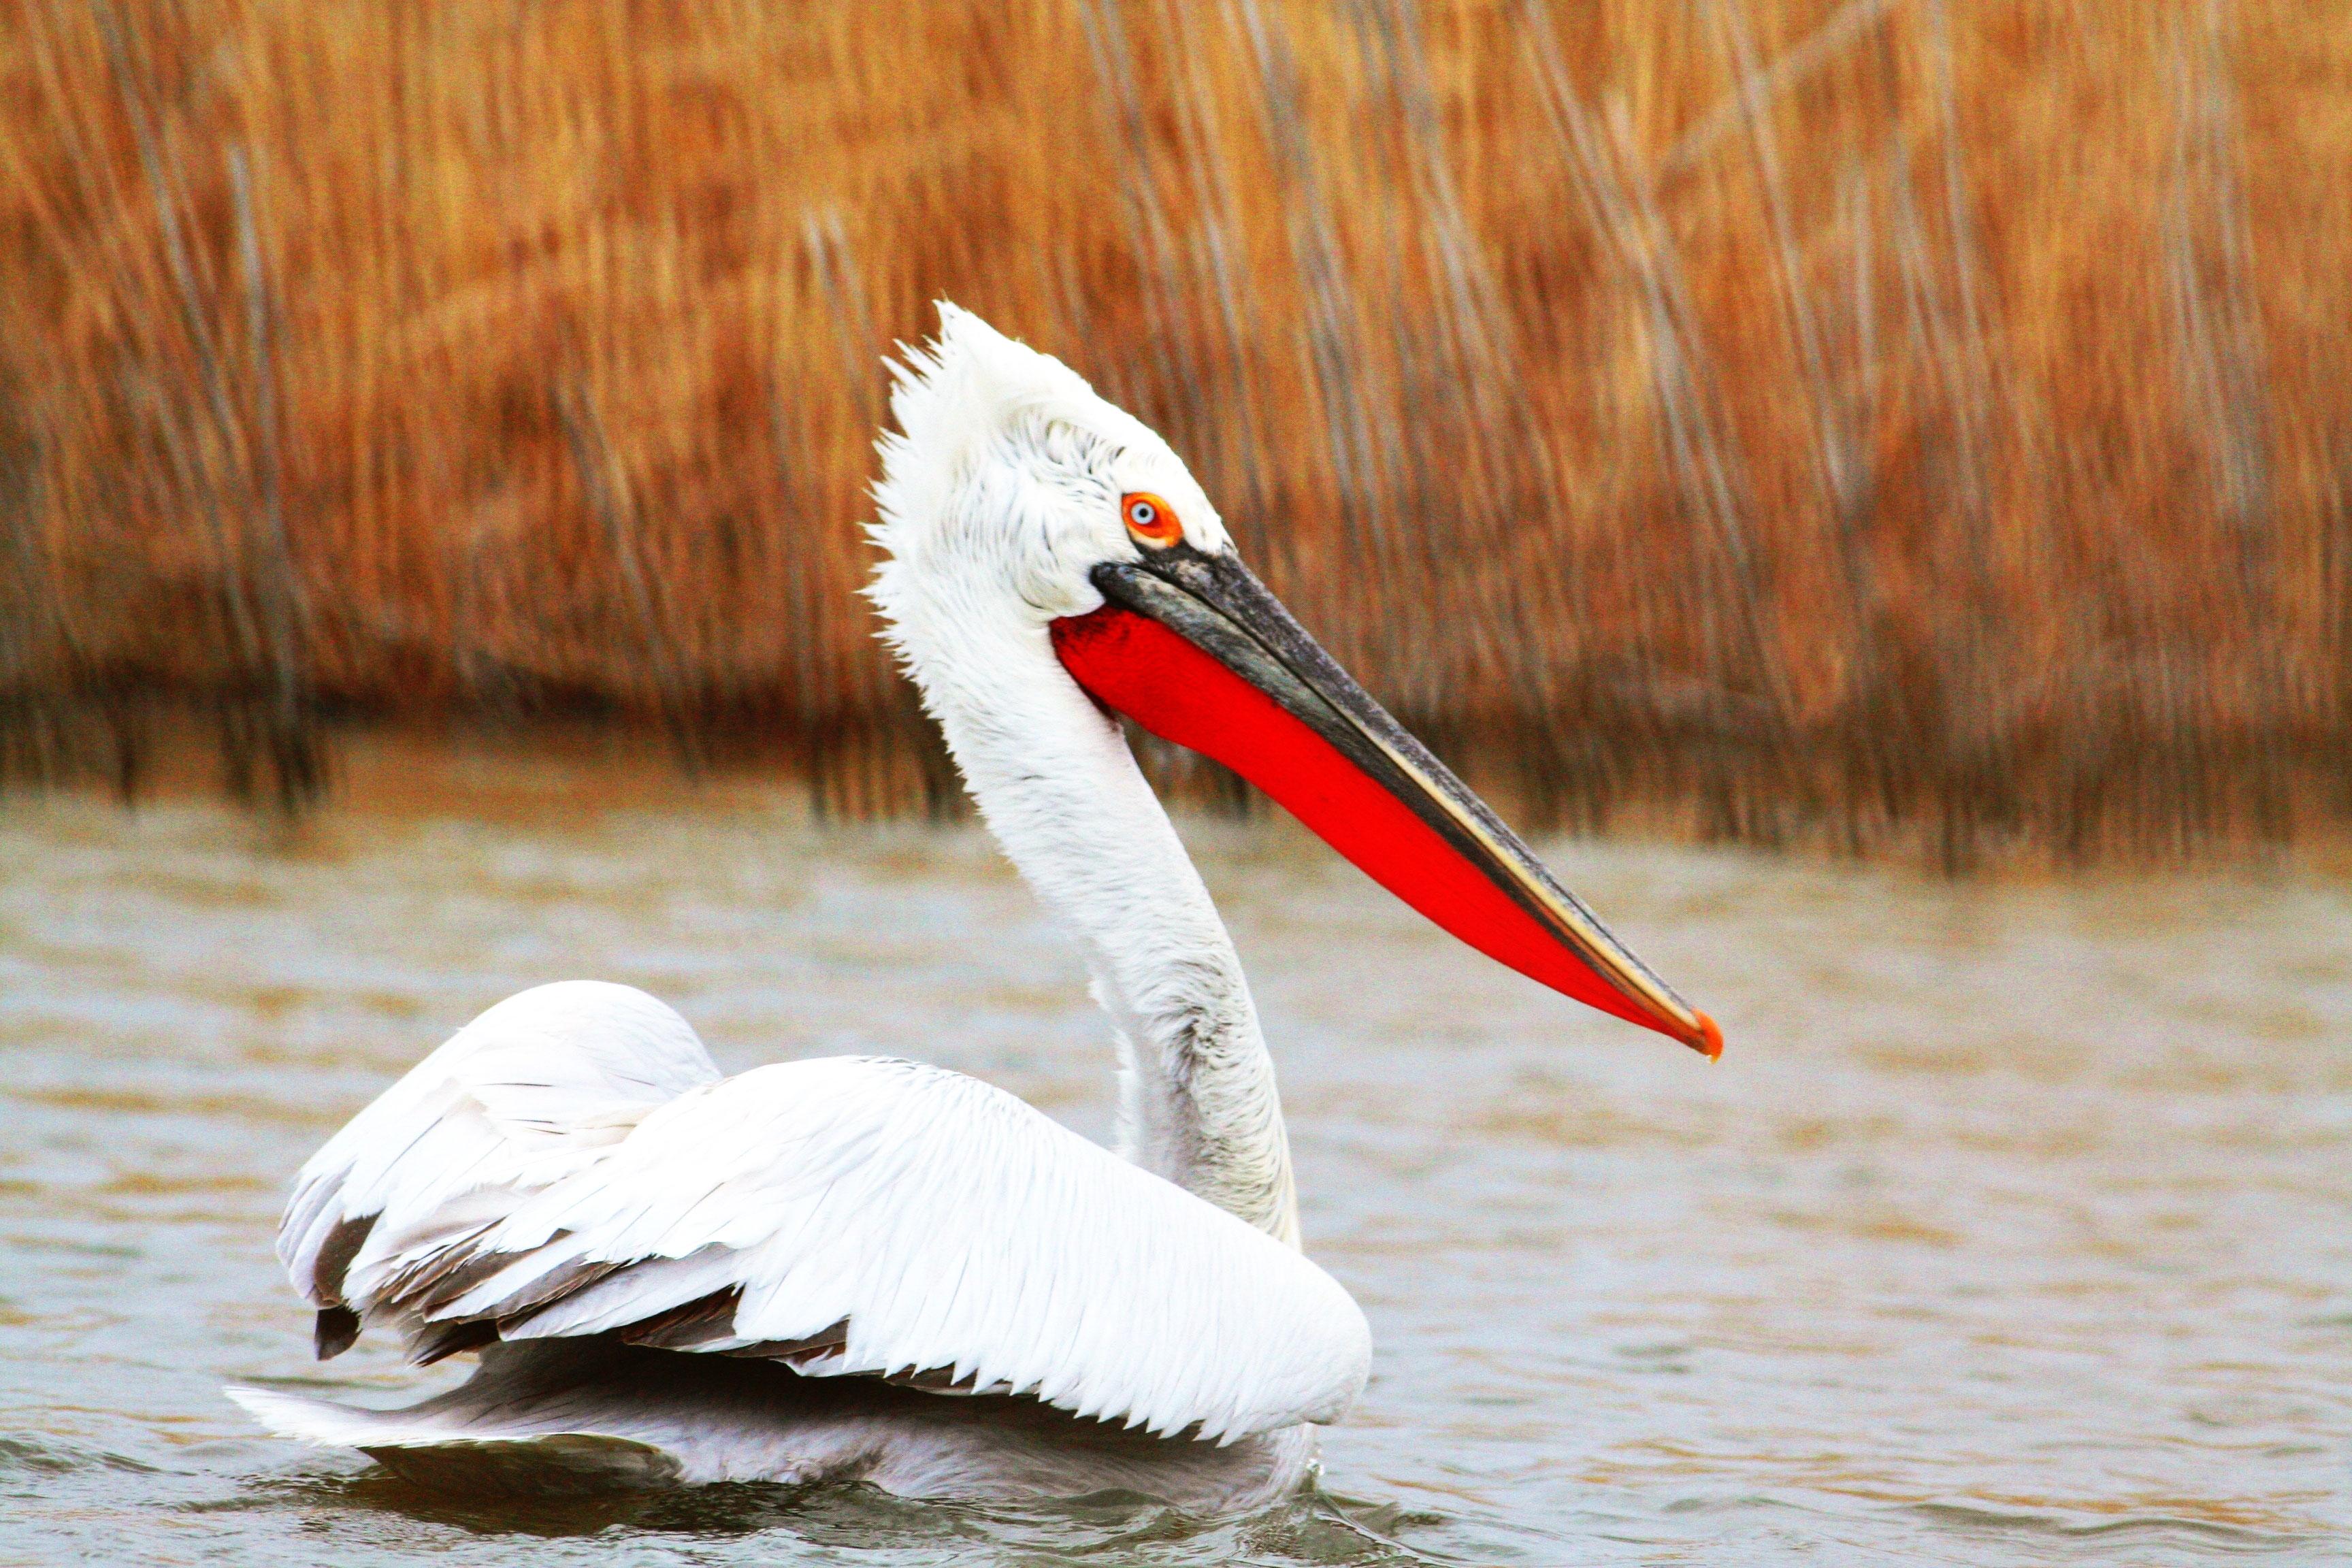 Размах крыльев больше 3 метров. Кудрявые пеликаны вернулись в Челябинскую область